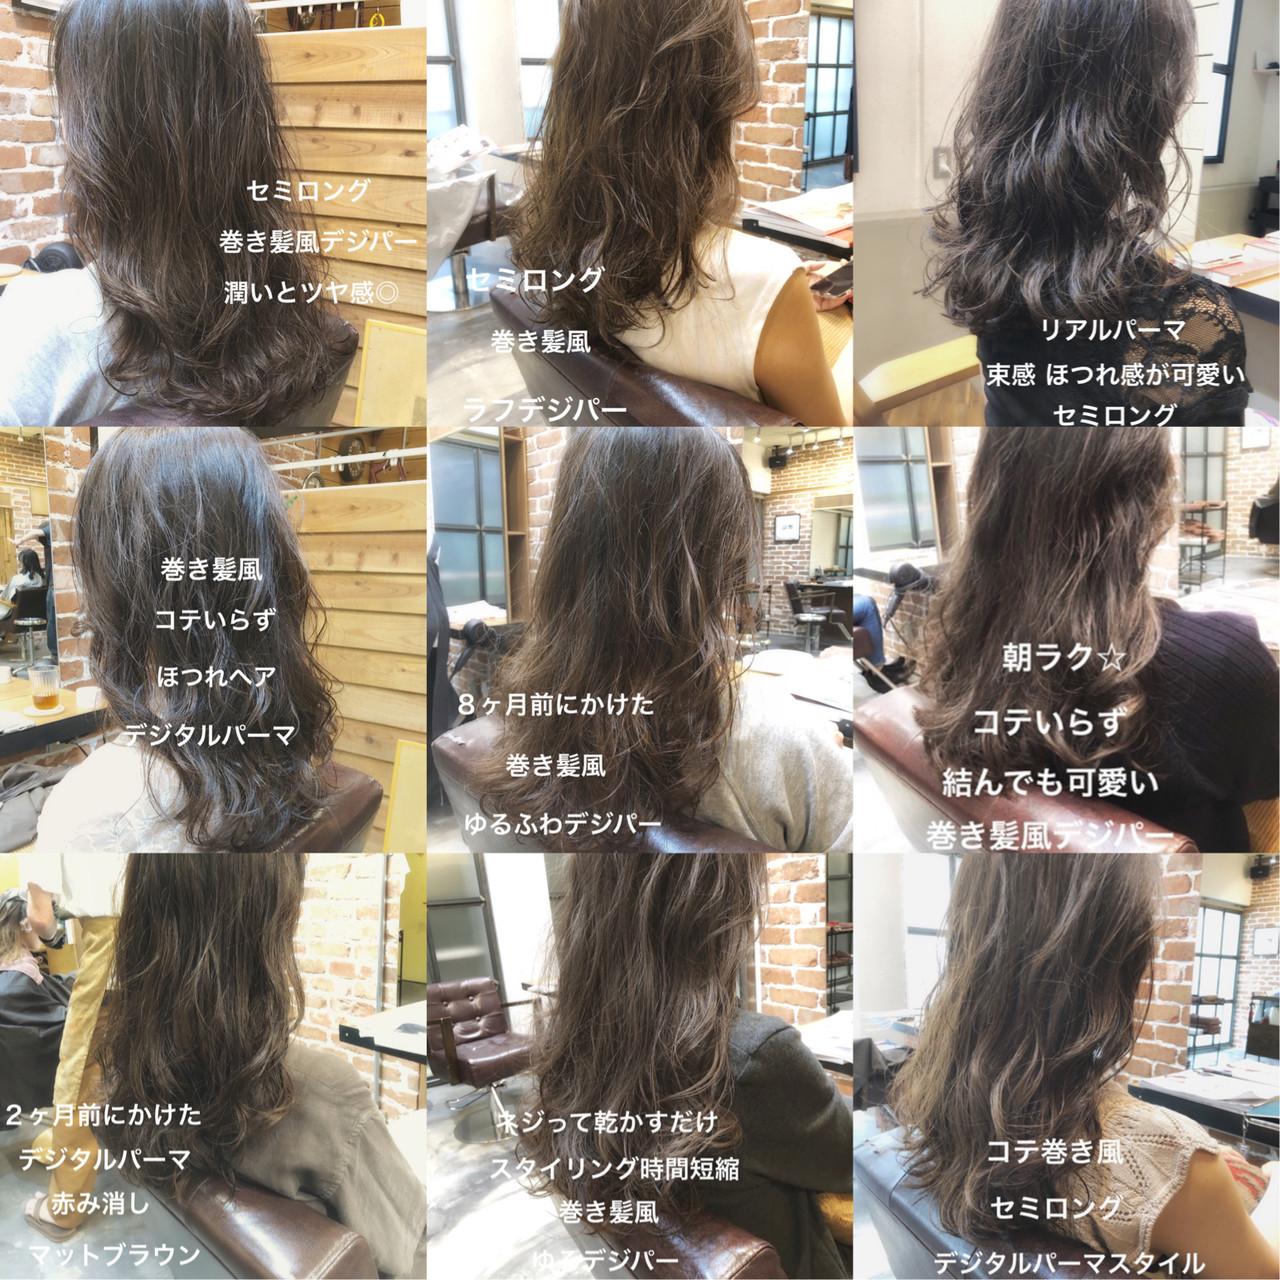 デジタルパーマ ゆるふわパーマ アンニュイほつれヘア ロング ヘアスタイルや髪型の写真・画像